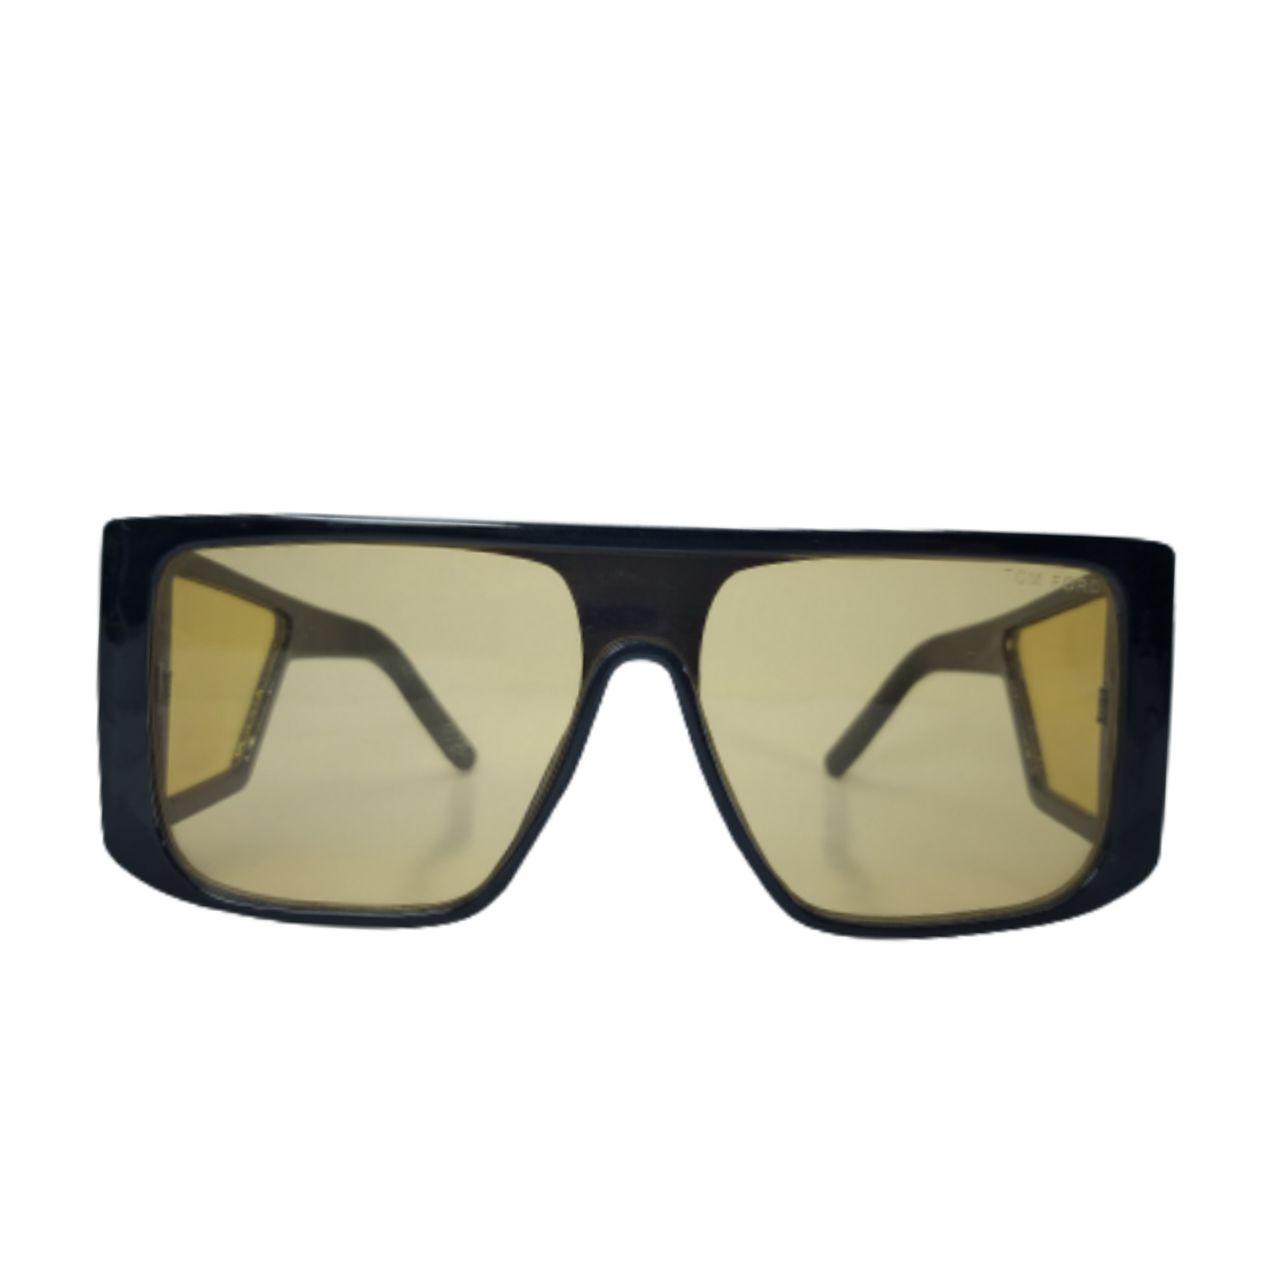 عینک شب تام فورد مدل Tb